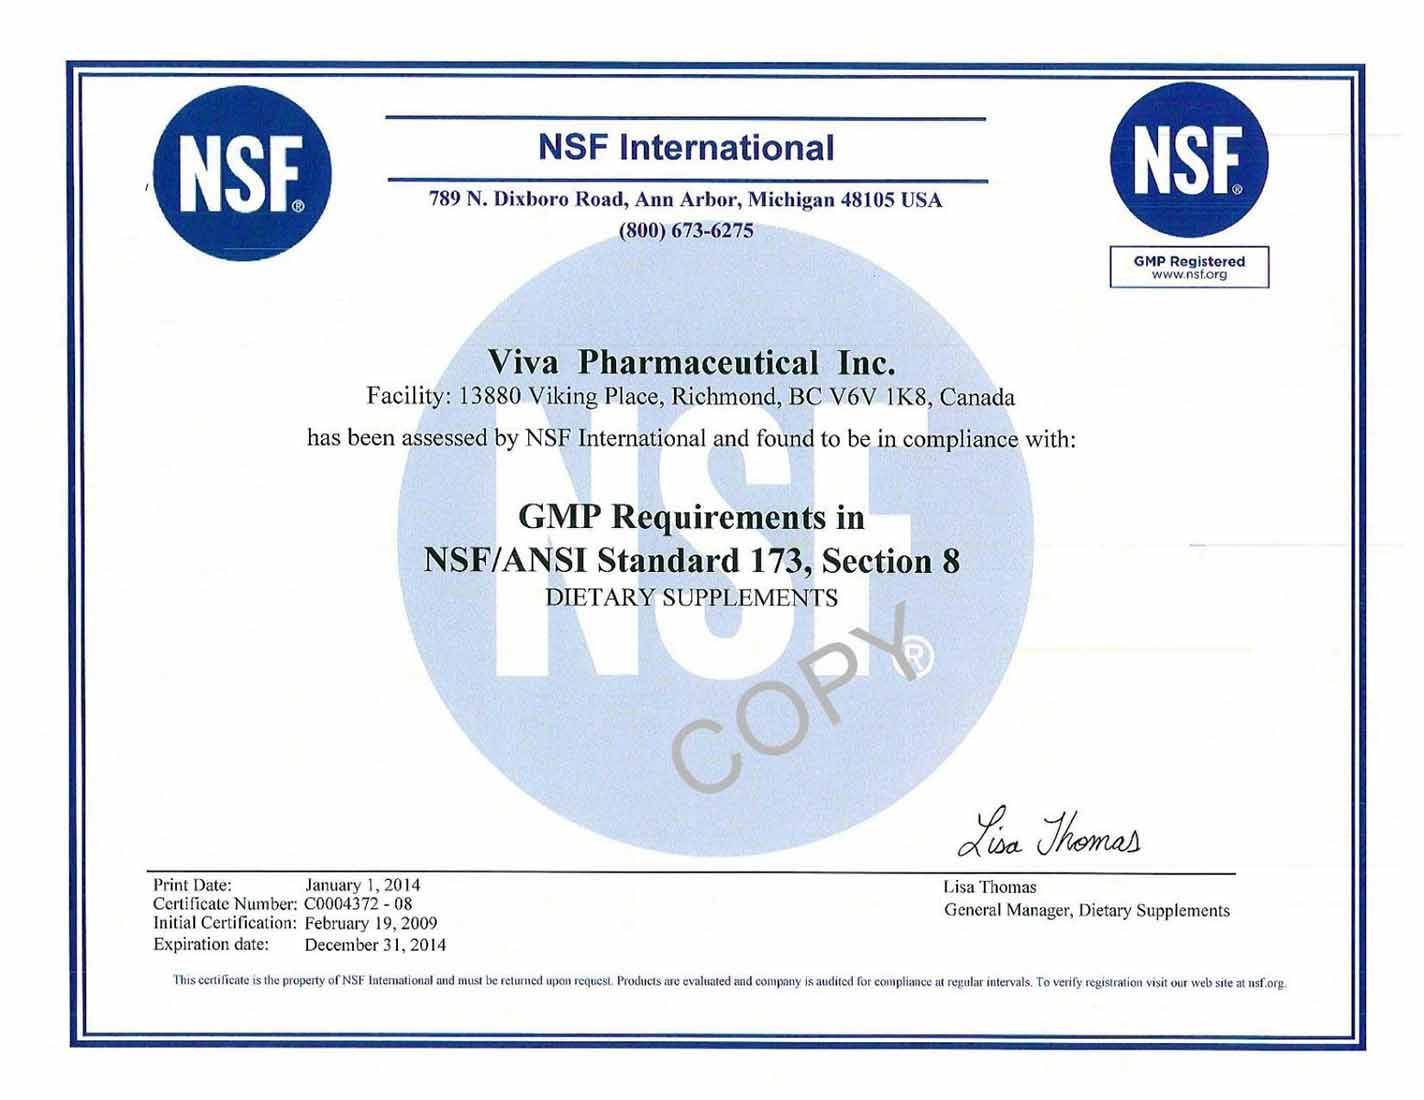 Chứng nhận GMP - tổ chức y tế thế giới WHO sản phẩm boniancol